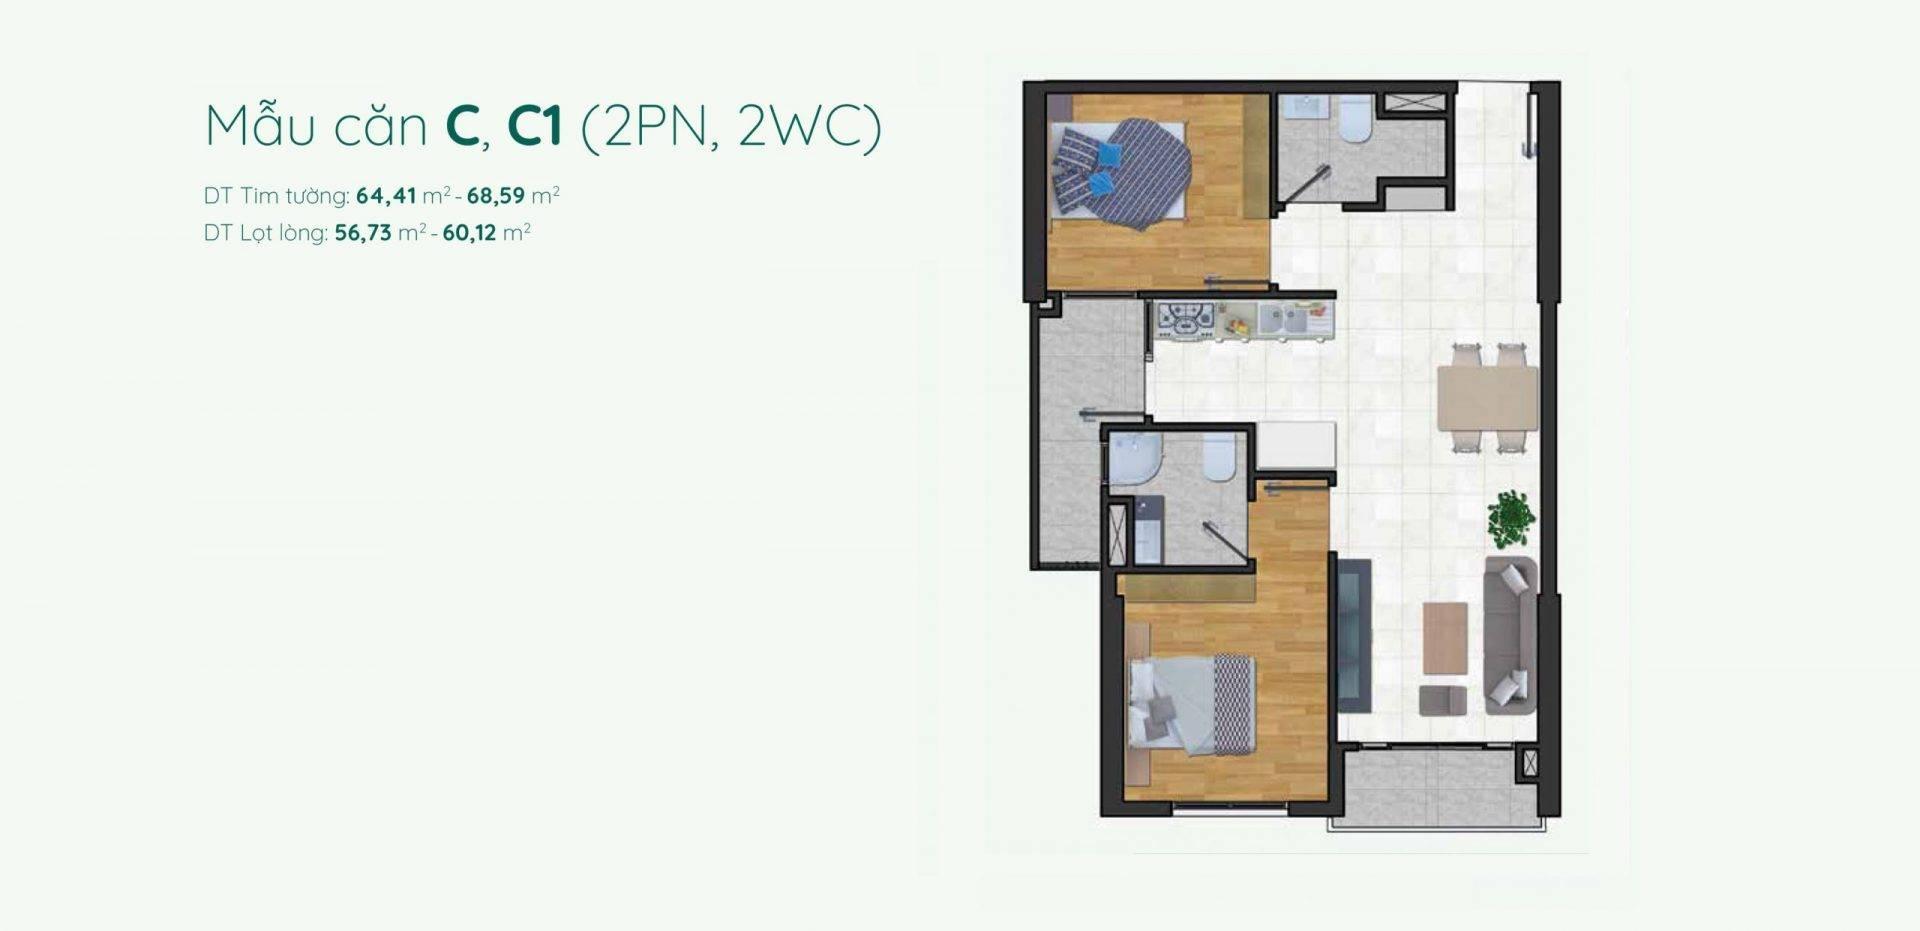 Thiết kế mẫu C, C1 căn hộ 2 phòng ngủ Minh Quốc Plaza